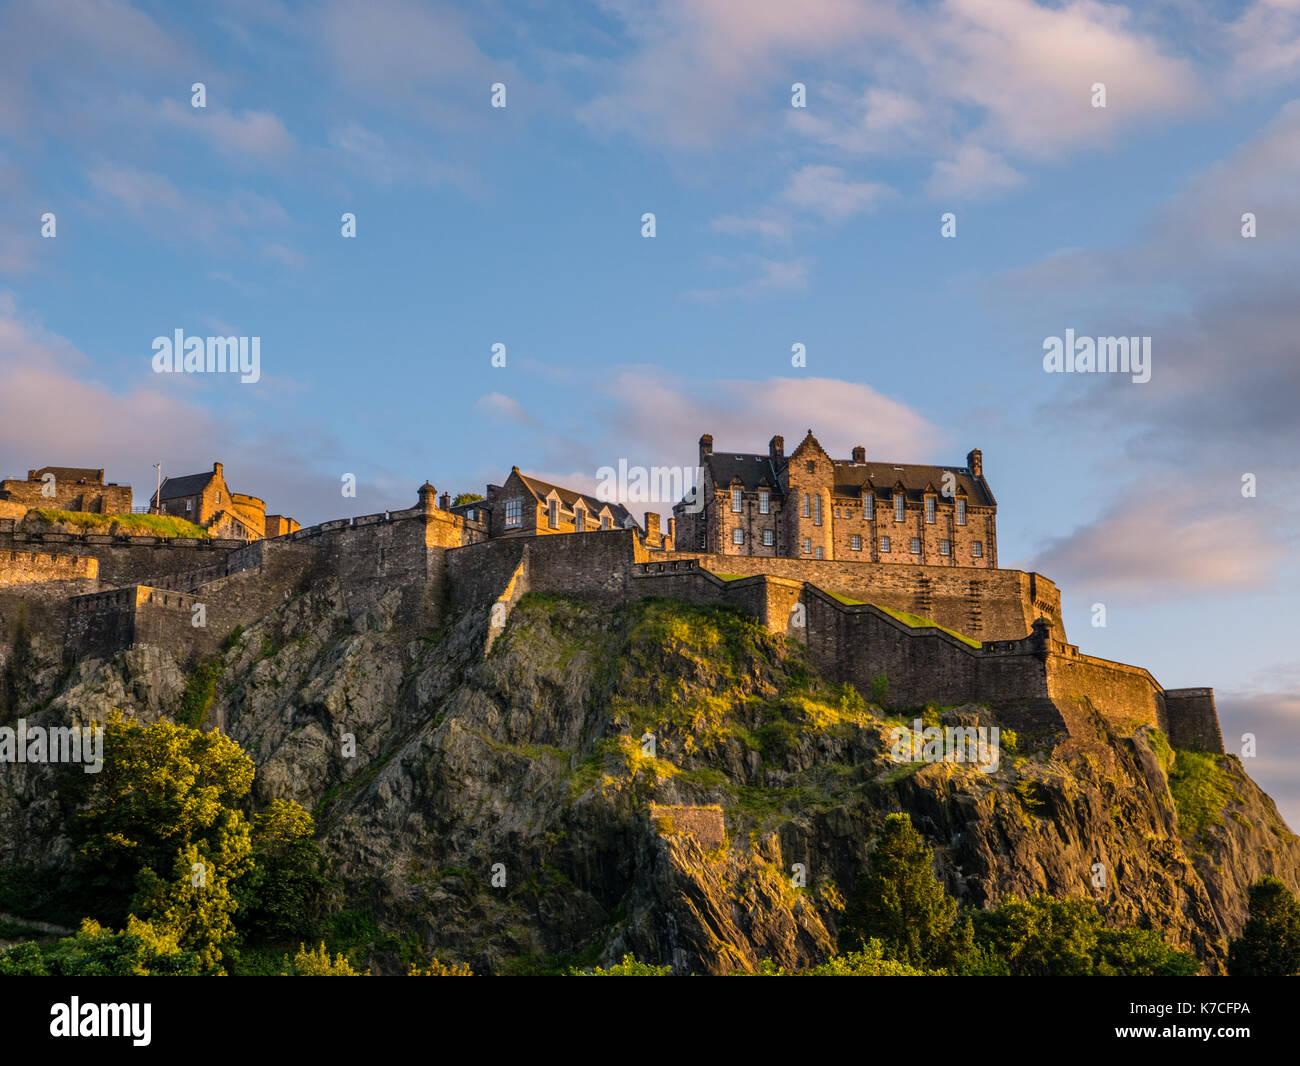 Le coucher du soleil, le château d'Édimbourg, vue de Princes Street Gardens, Château d'Edimbourg, Castle Rock, Édimbourg, Écosse. Photo Stock